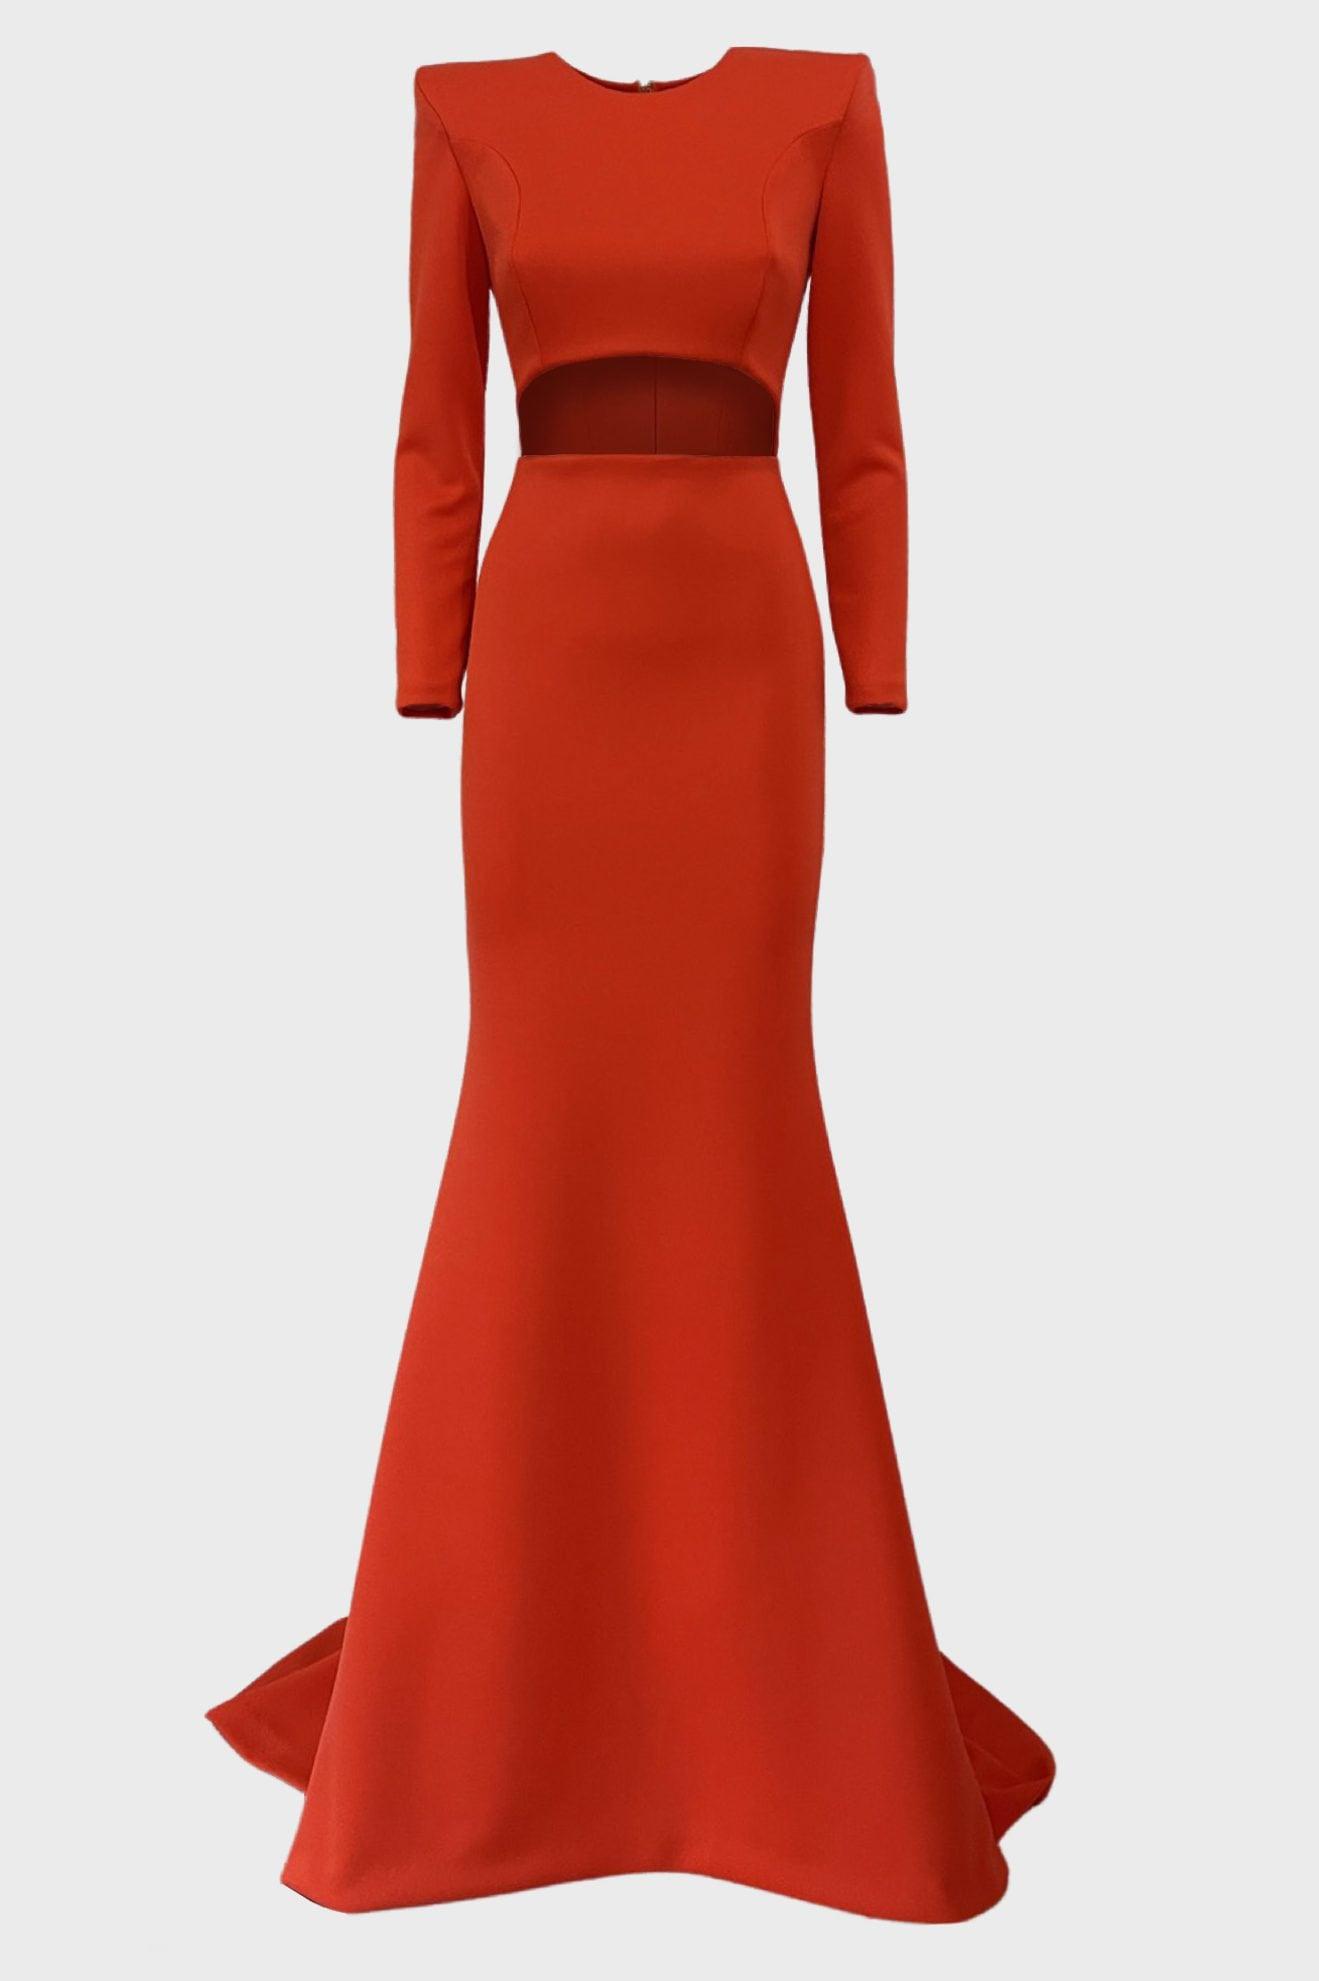 L'abito rosso di Bartolotta&Martorana